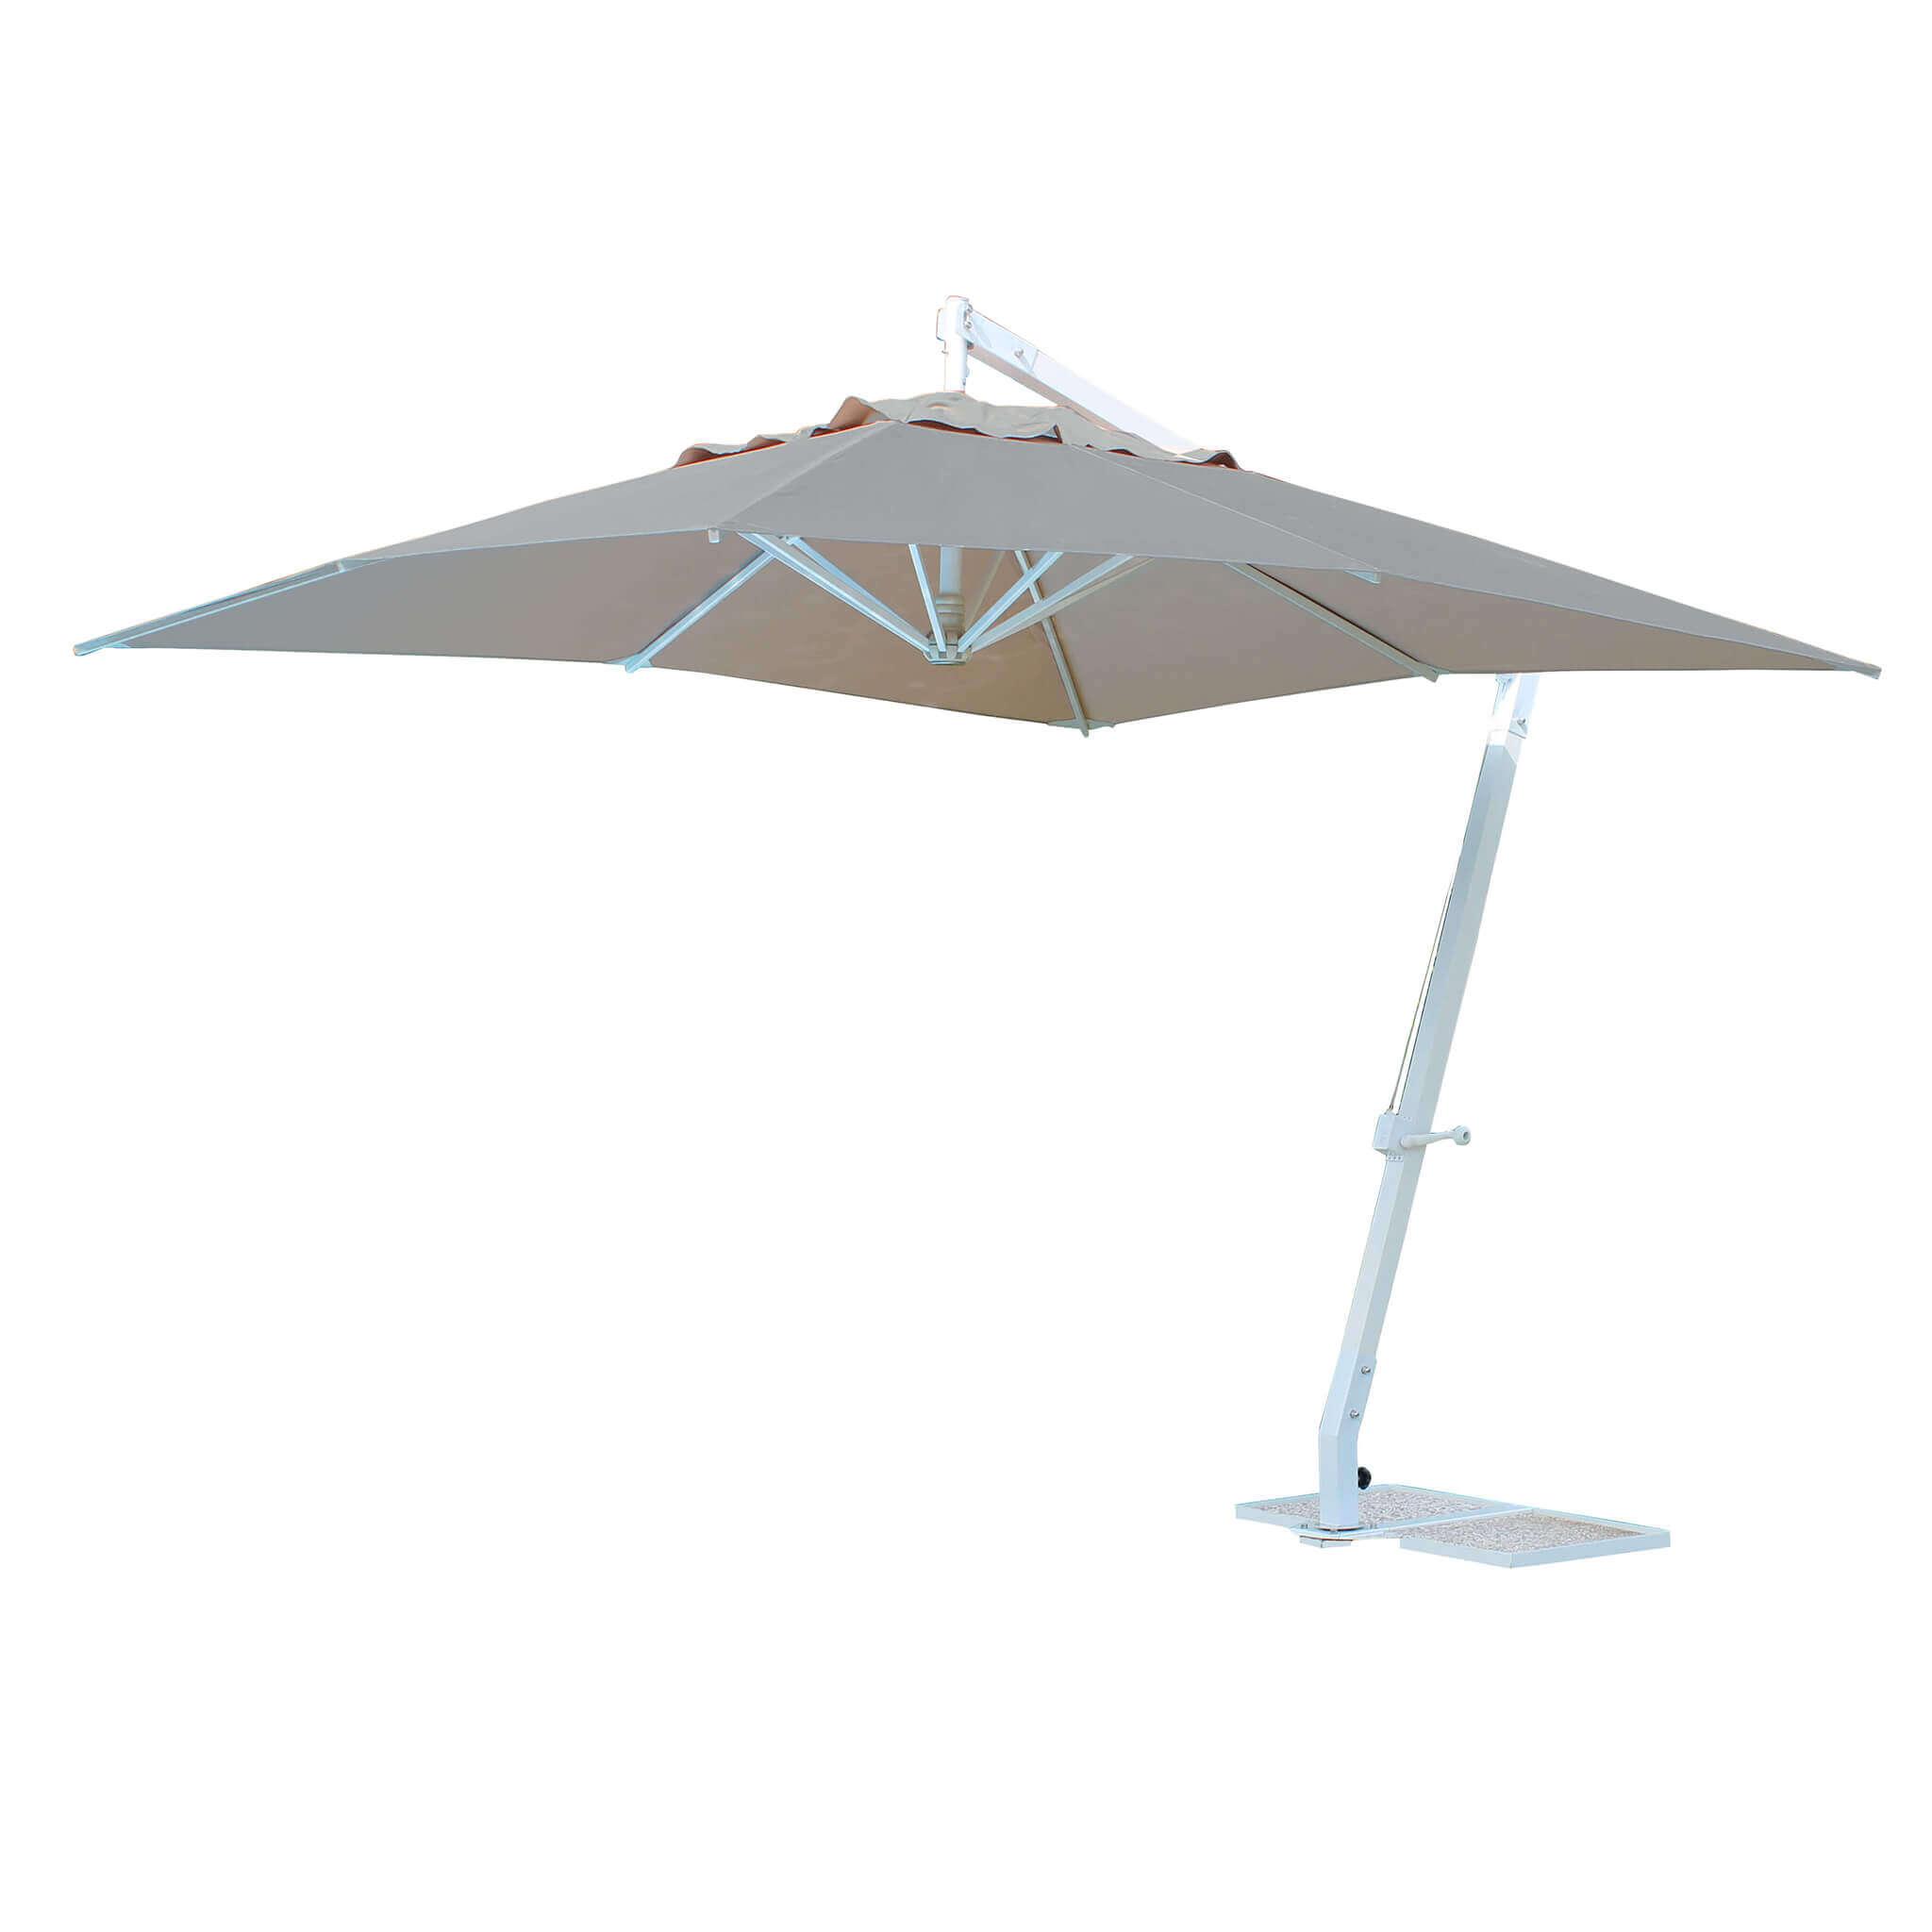 milani home thema - ombrellone da giardino decentrato 3x3 in alluminio